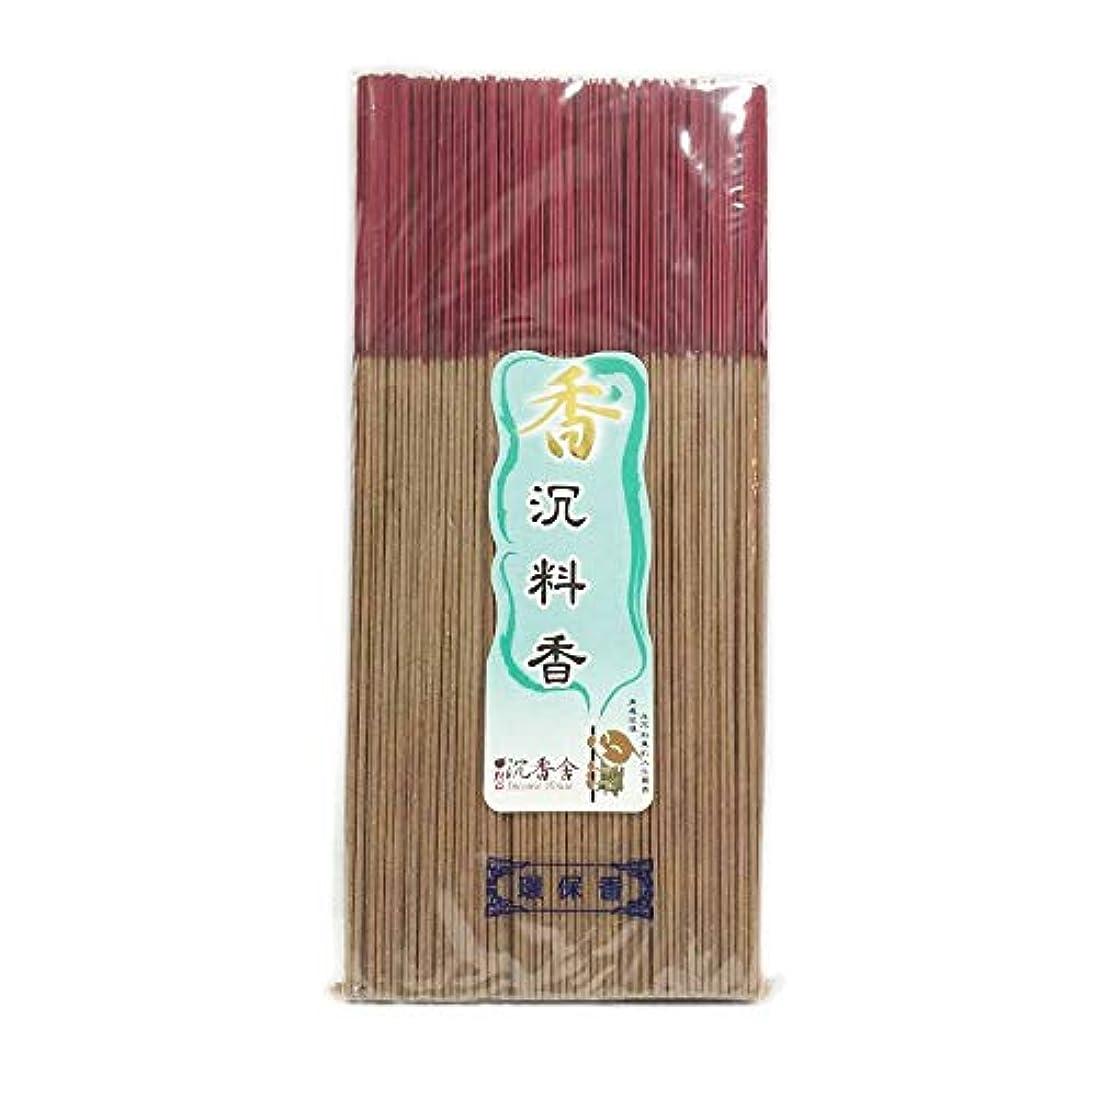 大工枯渇する思いつく伝統的 中国風 薬味 ジョス お香スティック 300g 台湾 お香 家 宗教的 仏陀用 約400本 30cm